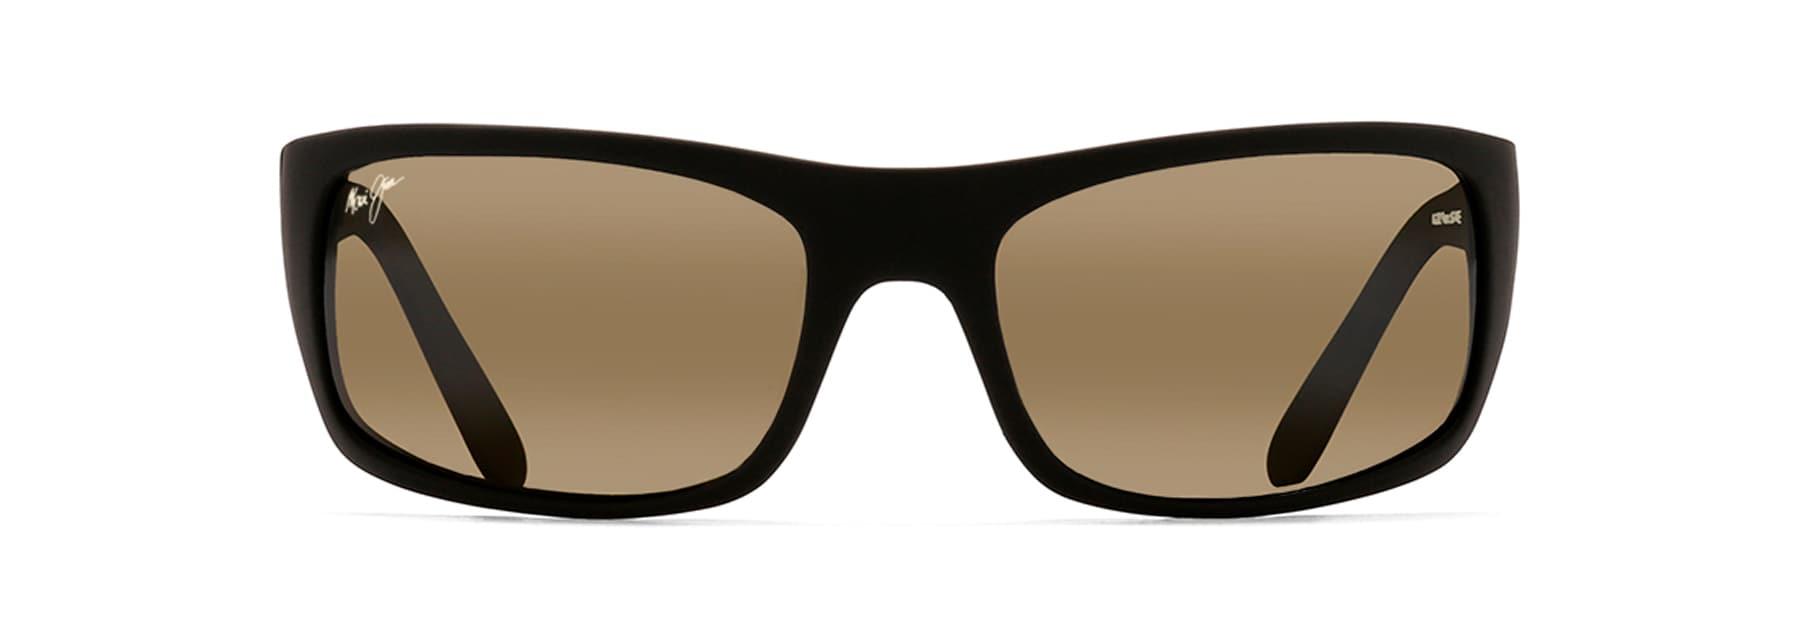 fee88a1c92c66 Peahi Polarized Sunglasses